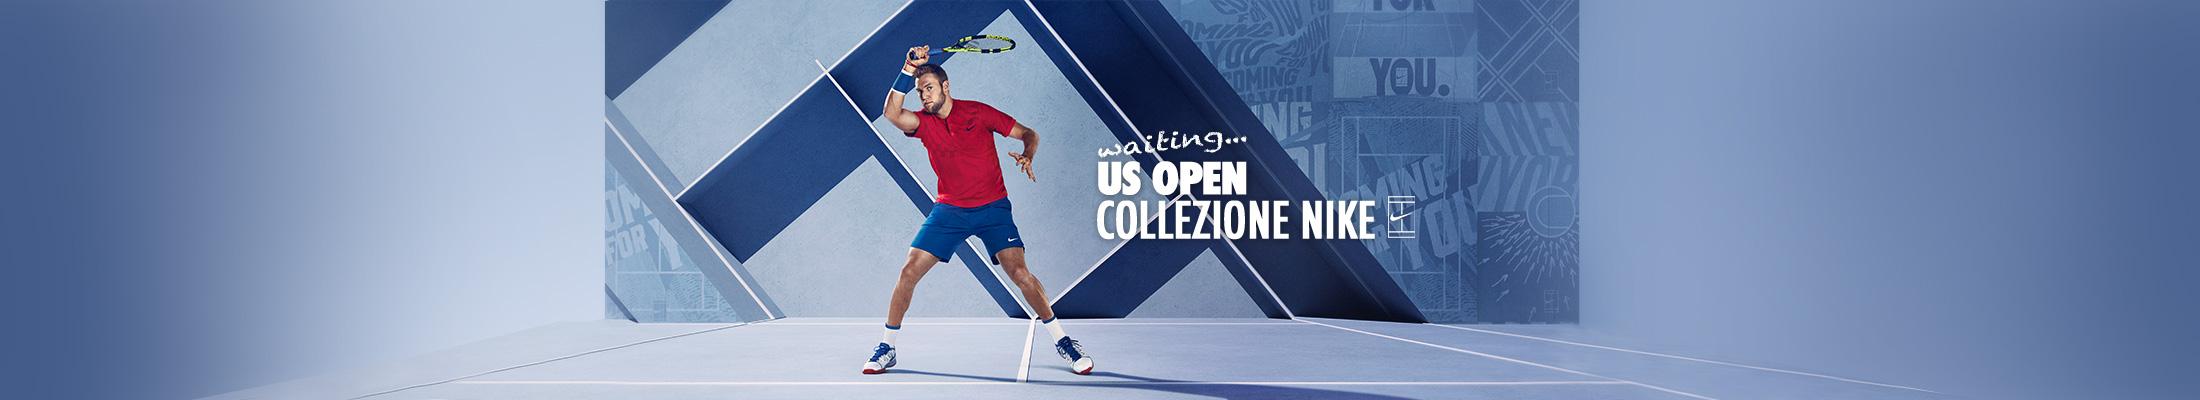 Nike Pre US OPEN